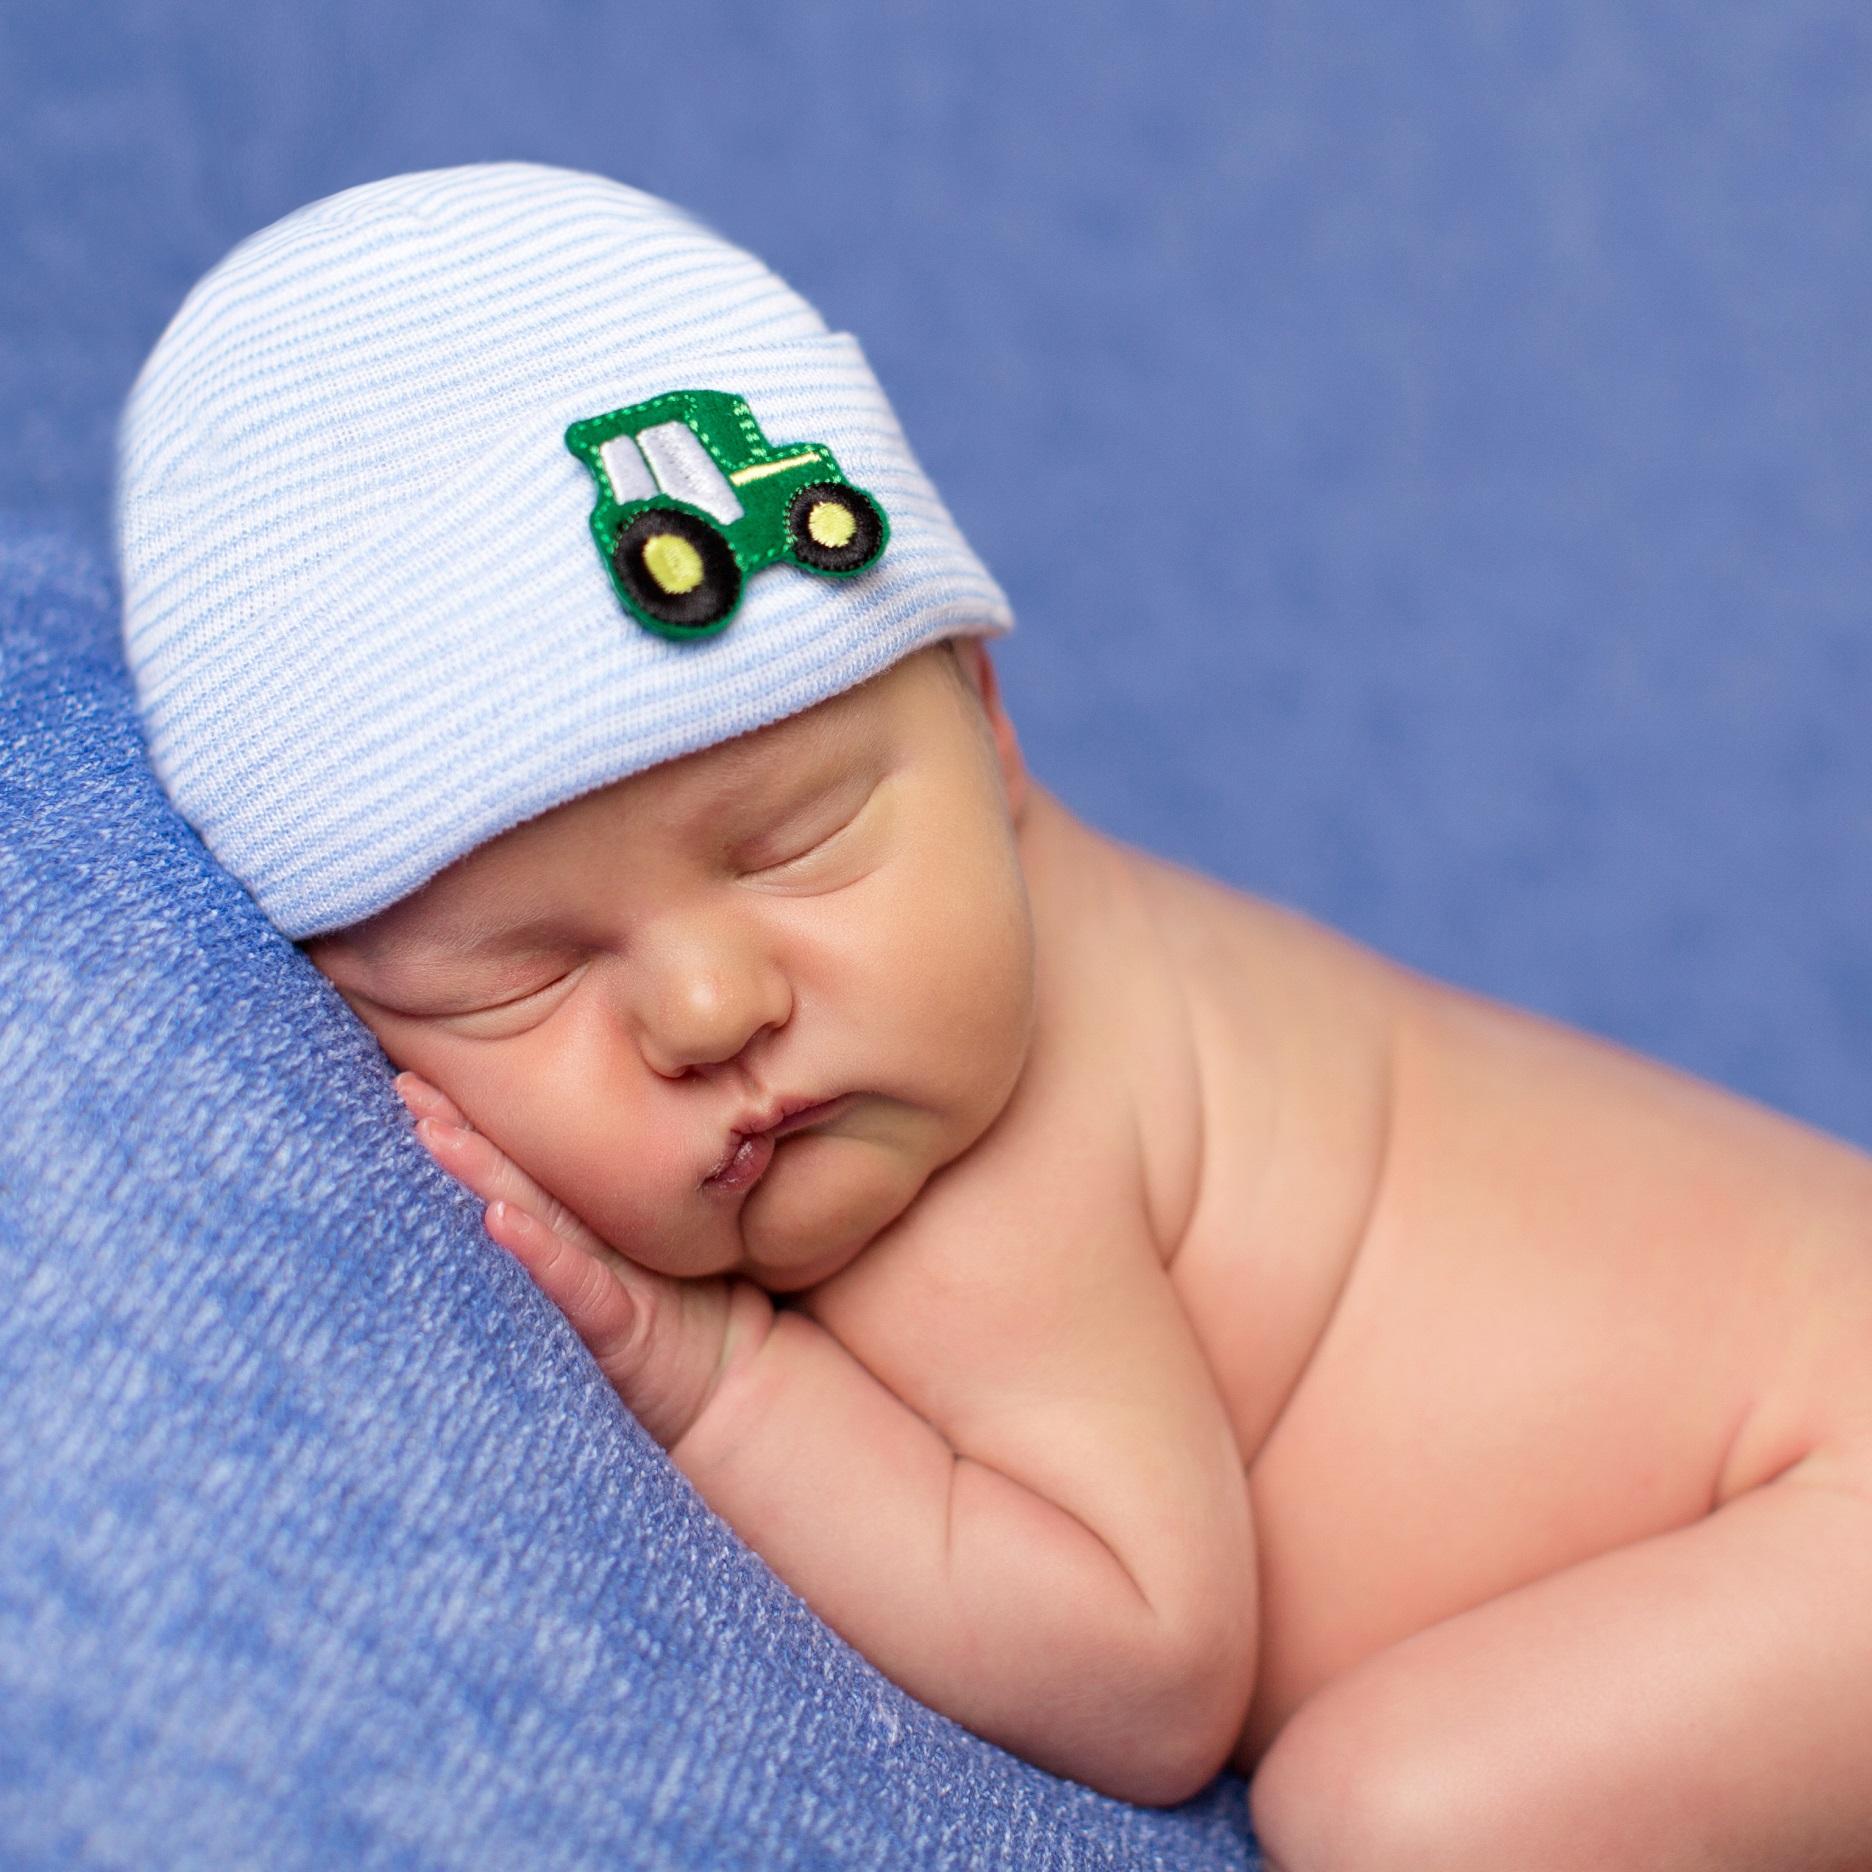 ilybean-newborn-hat-blue-striped-tractor.jpg